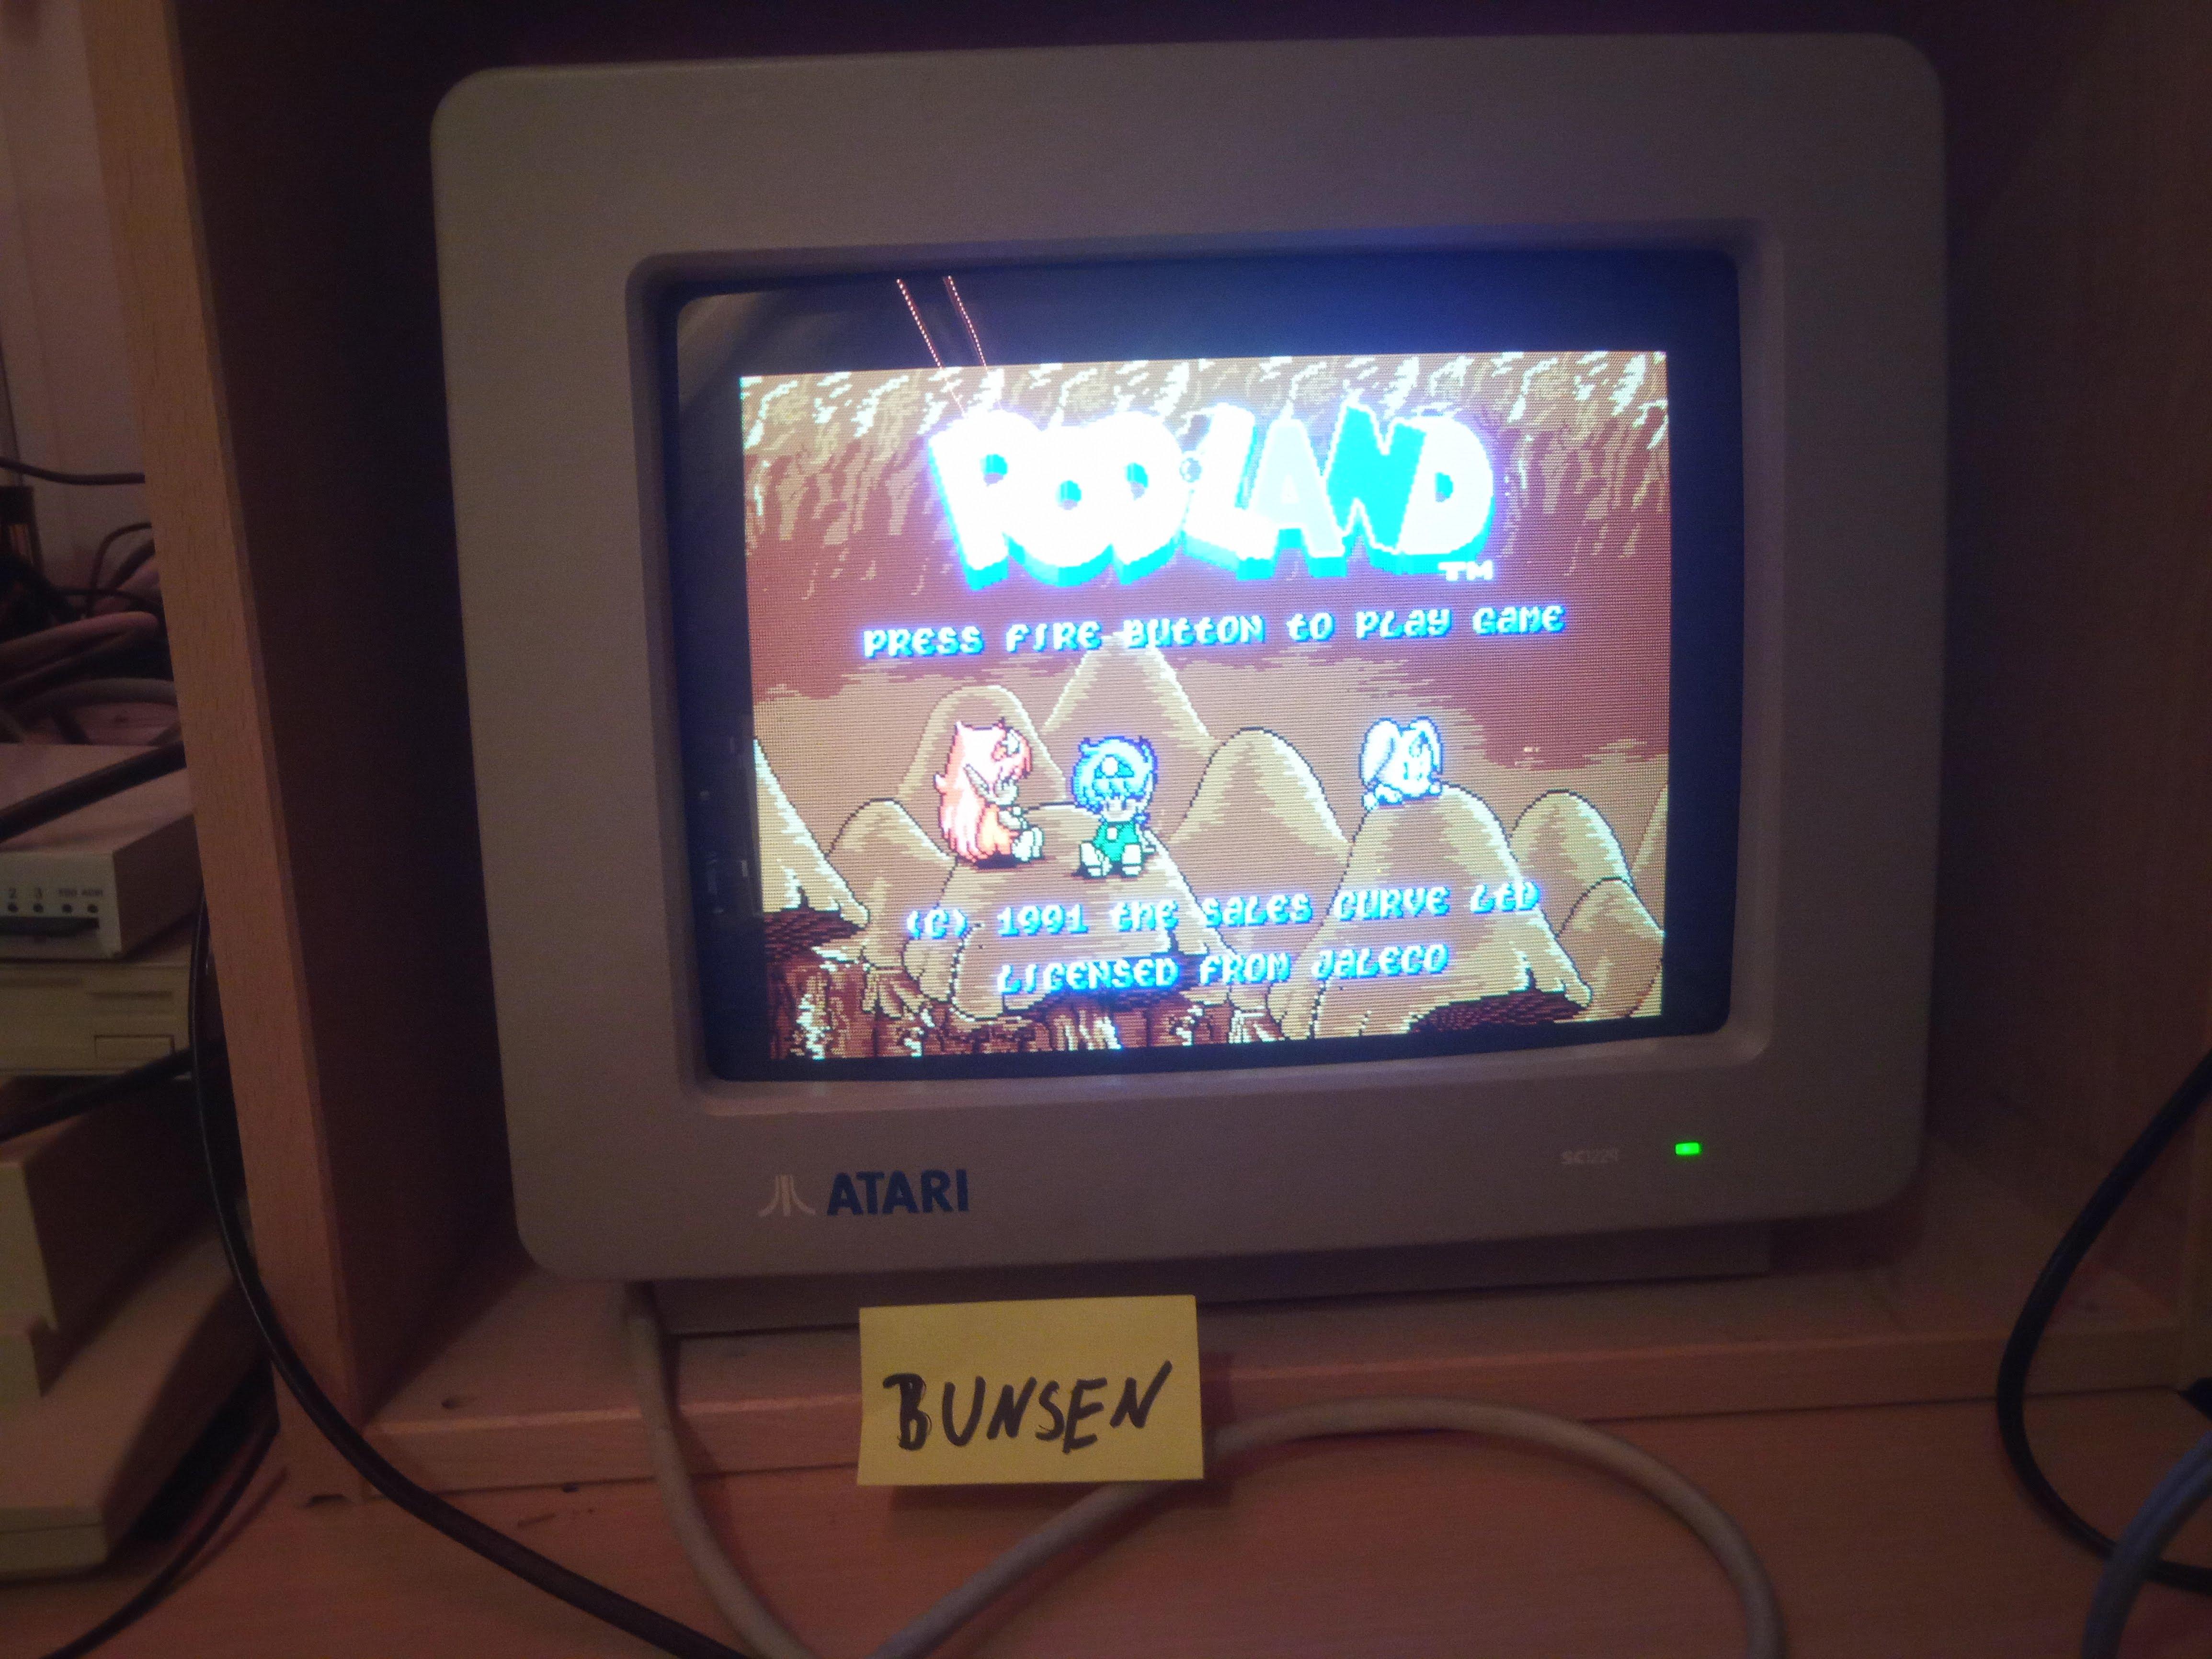 Bunsen: Rodland (Atari ST) 43,950 points on 2020-01-01 14:19:52